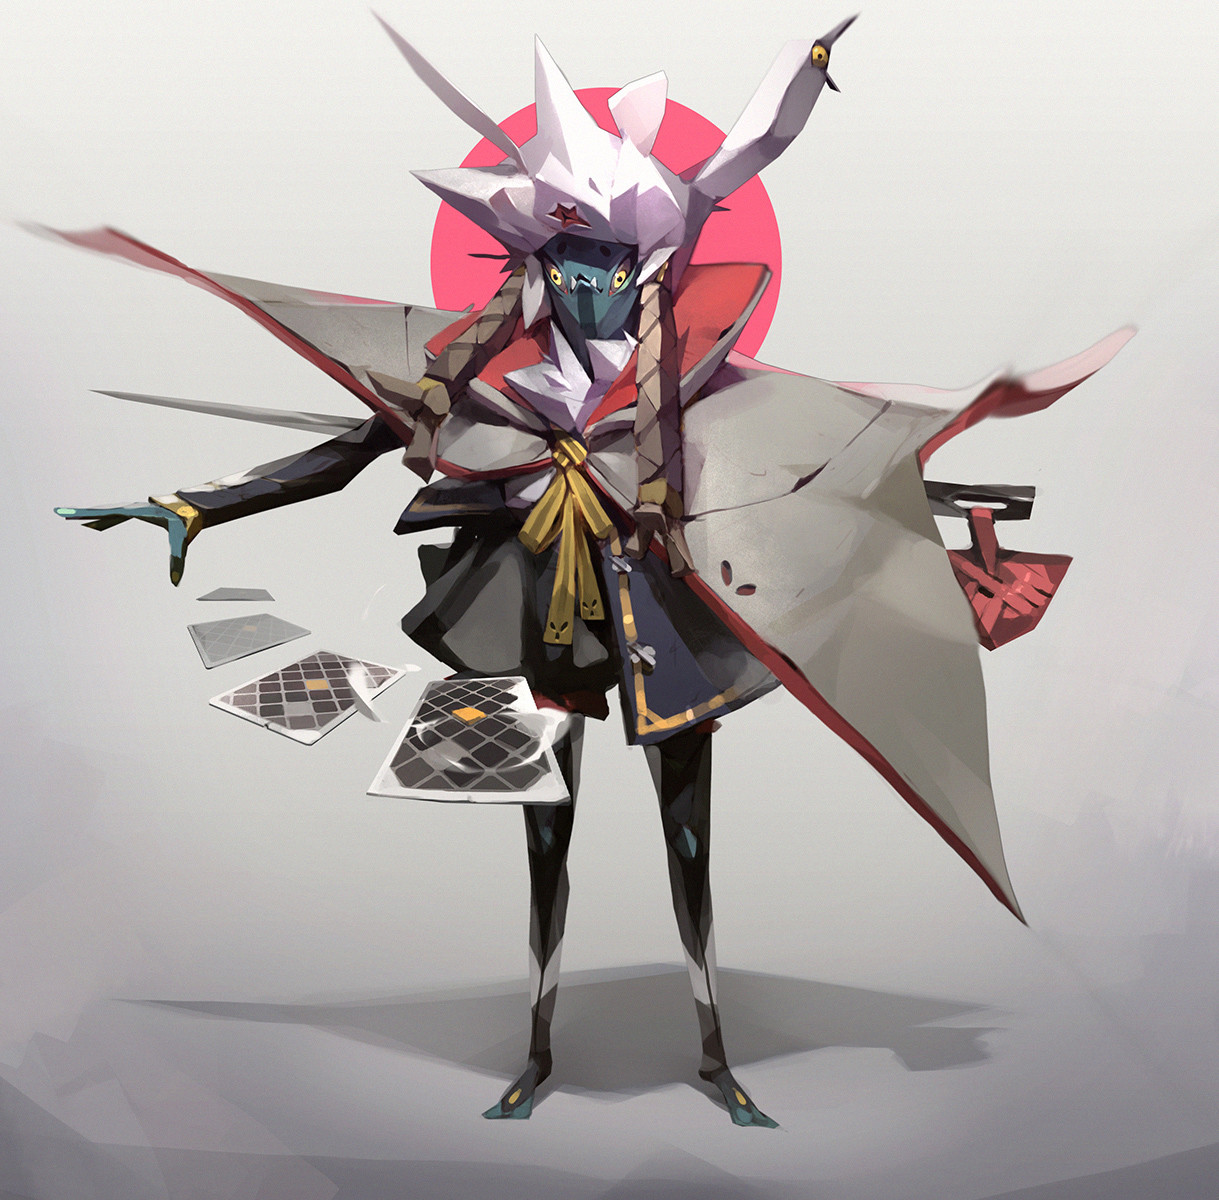 Tan zhi hui kuda8